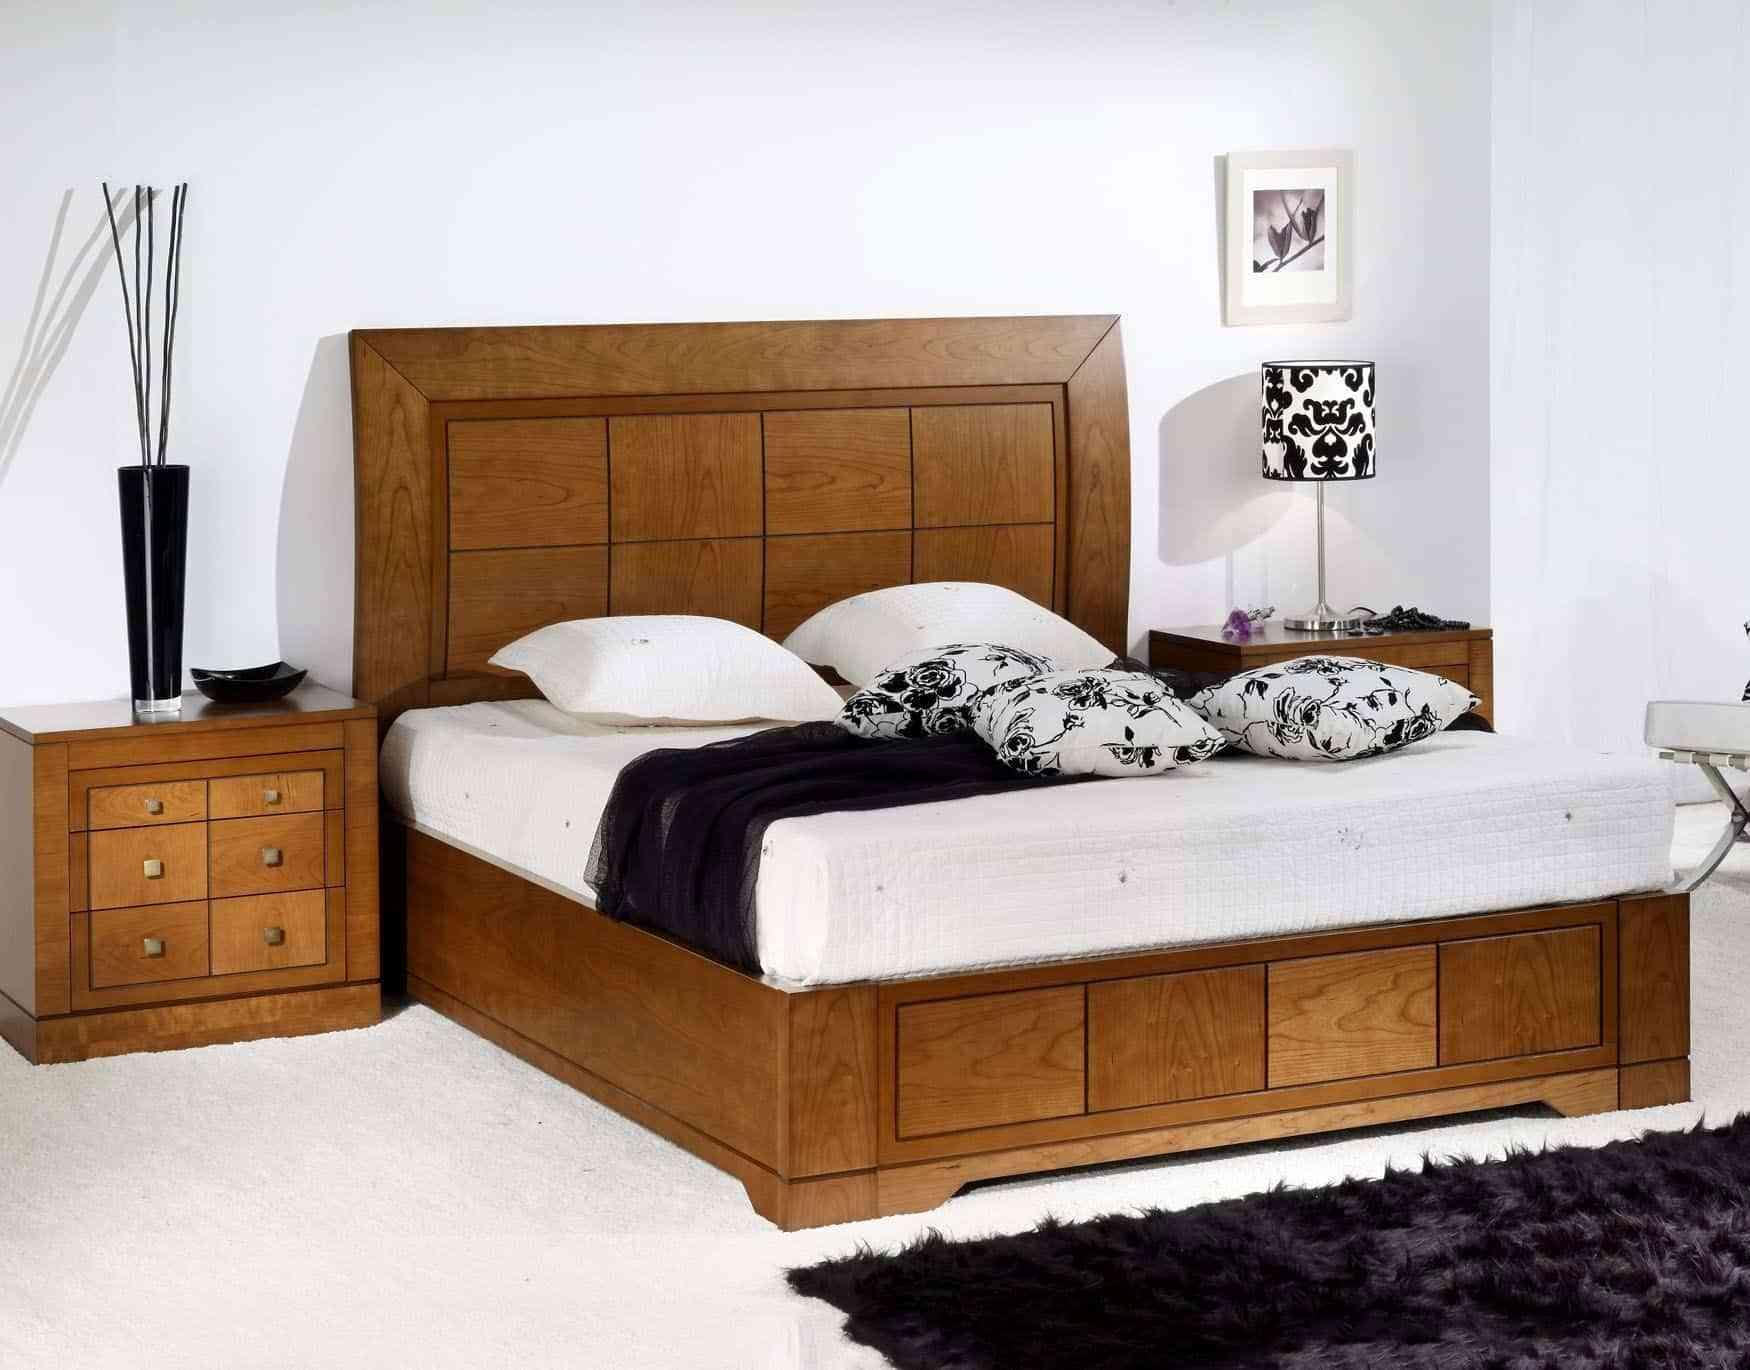 """Fuente: a href=""""http://www.lasandecoracion.es/tienda/dormitorios-de-matrimonio/dormitorios-de-matrimonio-en-madera-de-cerezo/"""">lasandecoracion.es"""